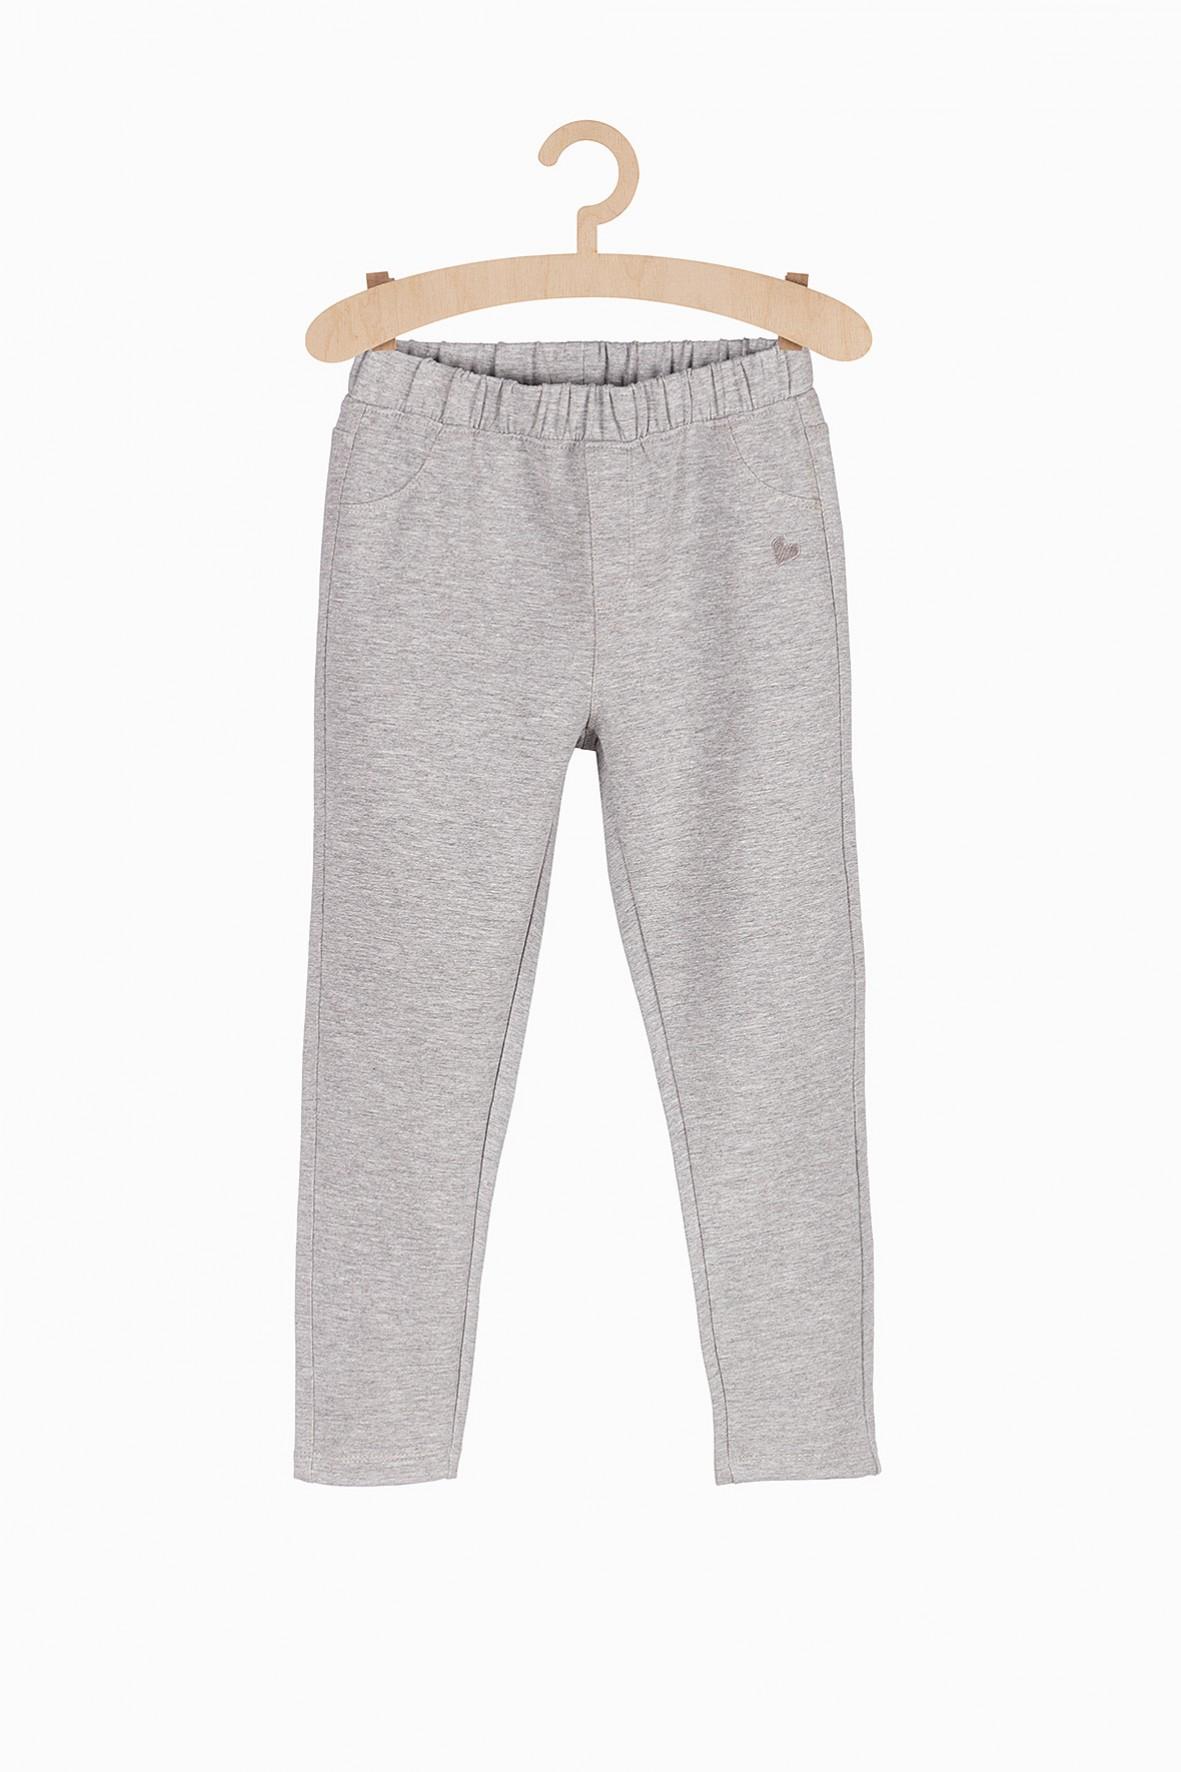 Długie dzianinowe spodnie dla dziewczynki- szare